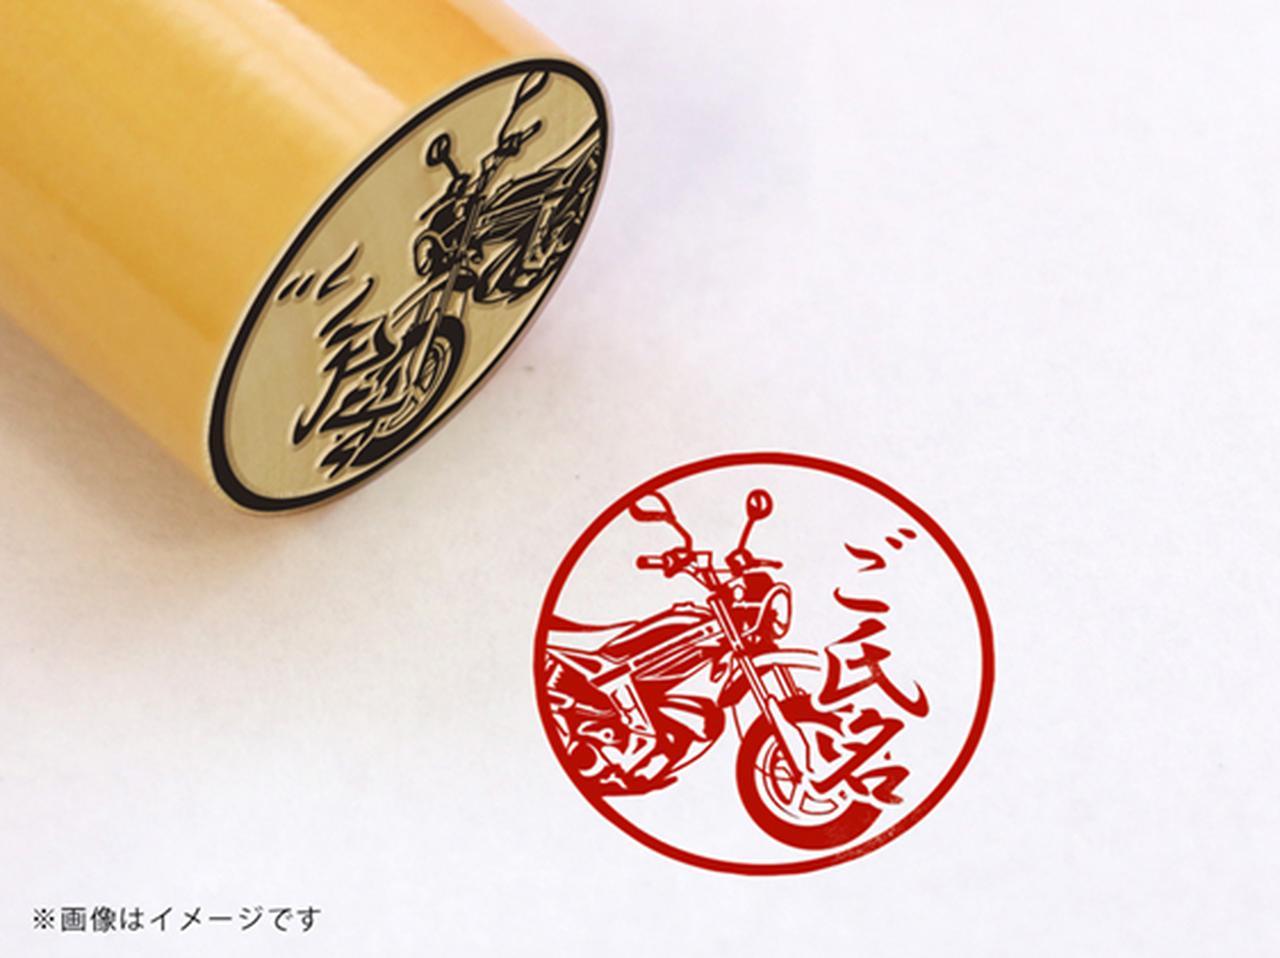 Images : 【SUZUKI】ストリートマジック50・柘植丸印18mm